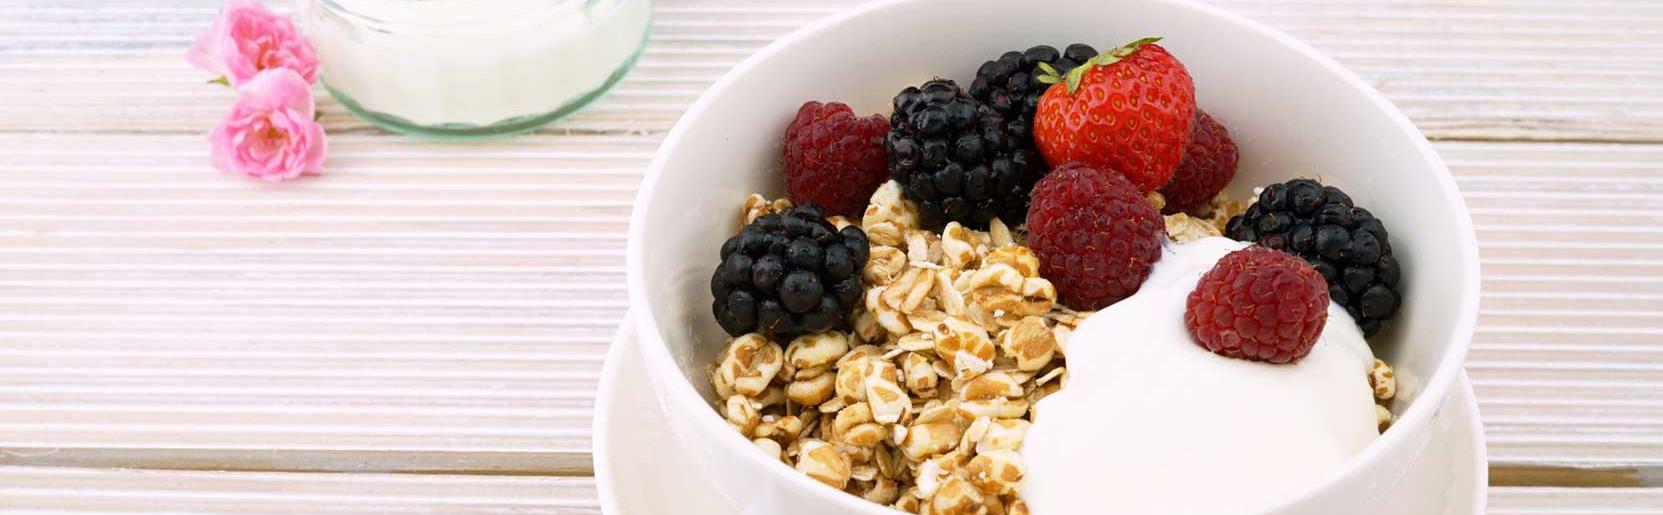 Consejos en dietetica y nutricion